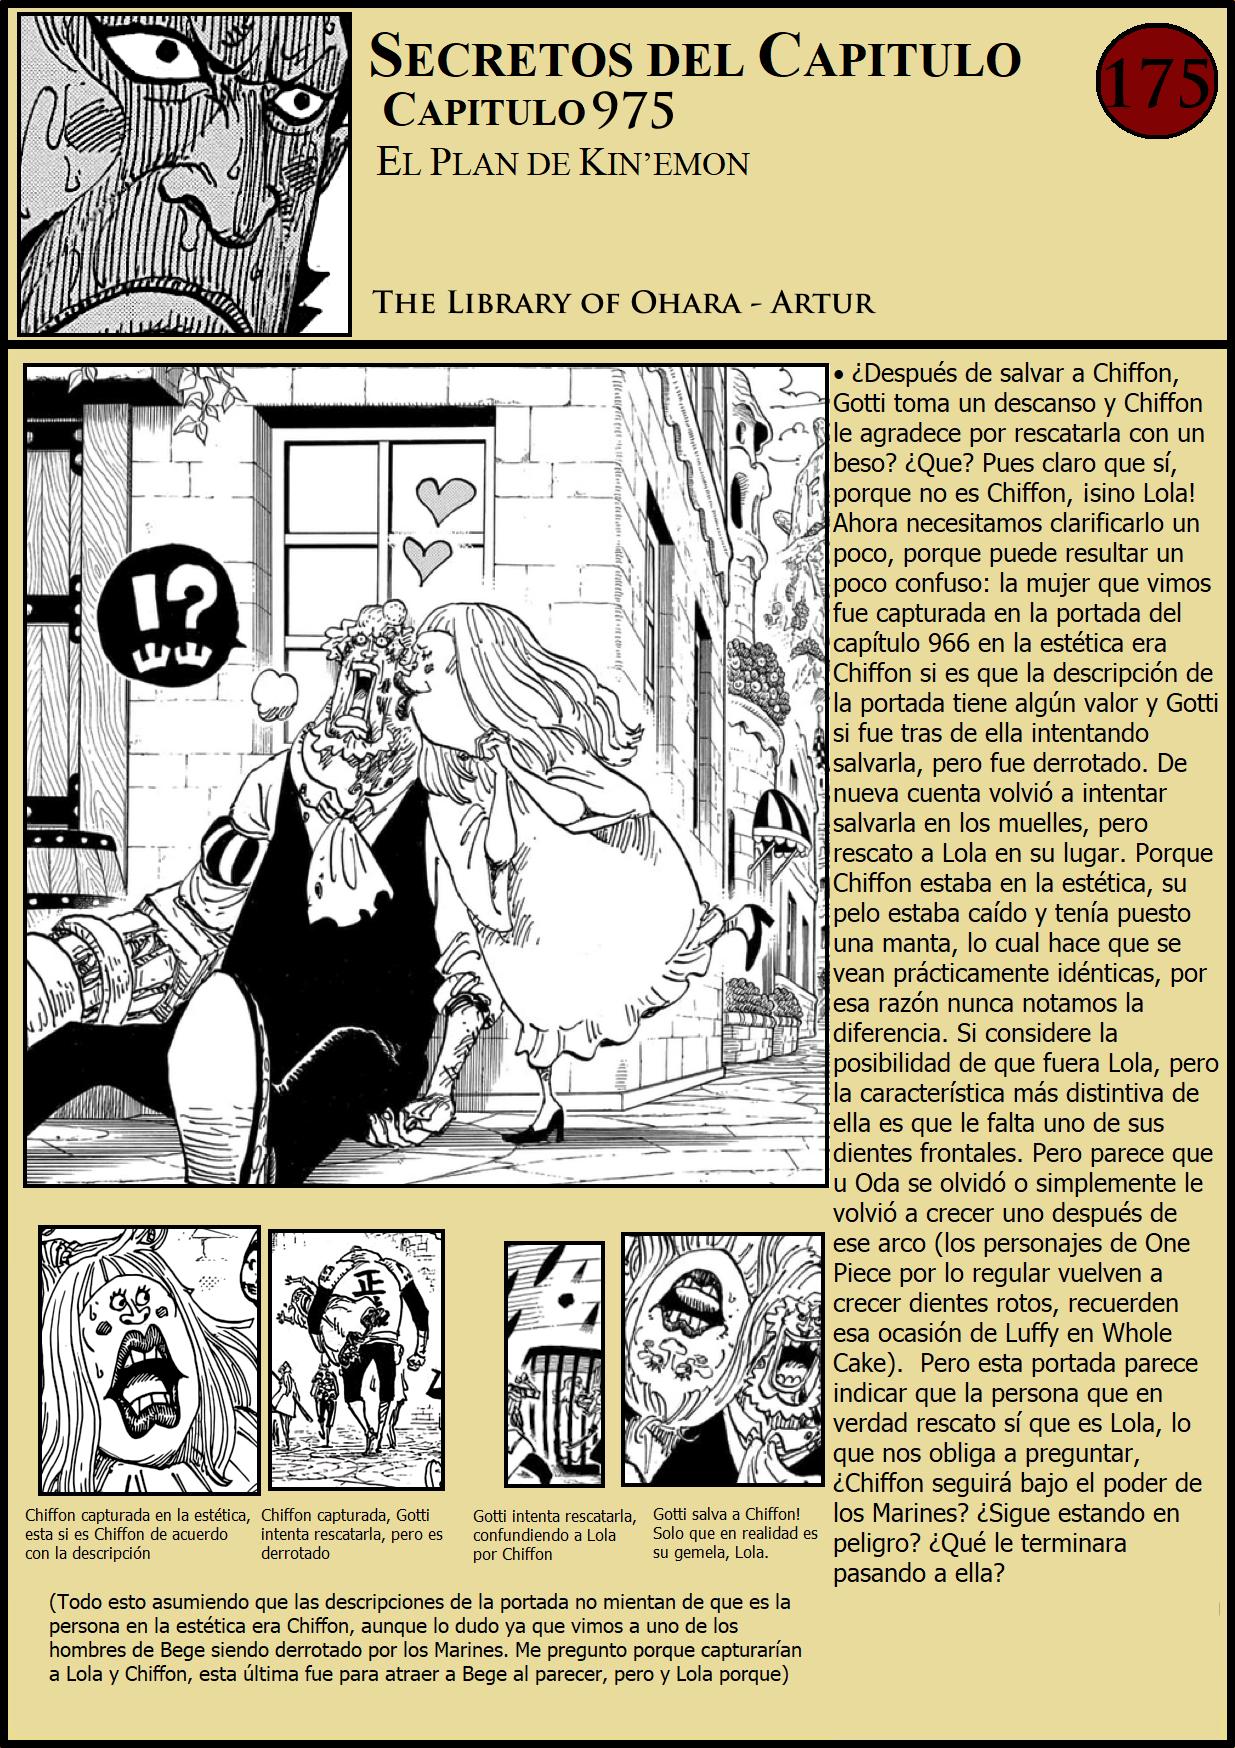 Secretos & Curiosidades - One Piece Manga 975 01